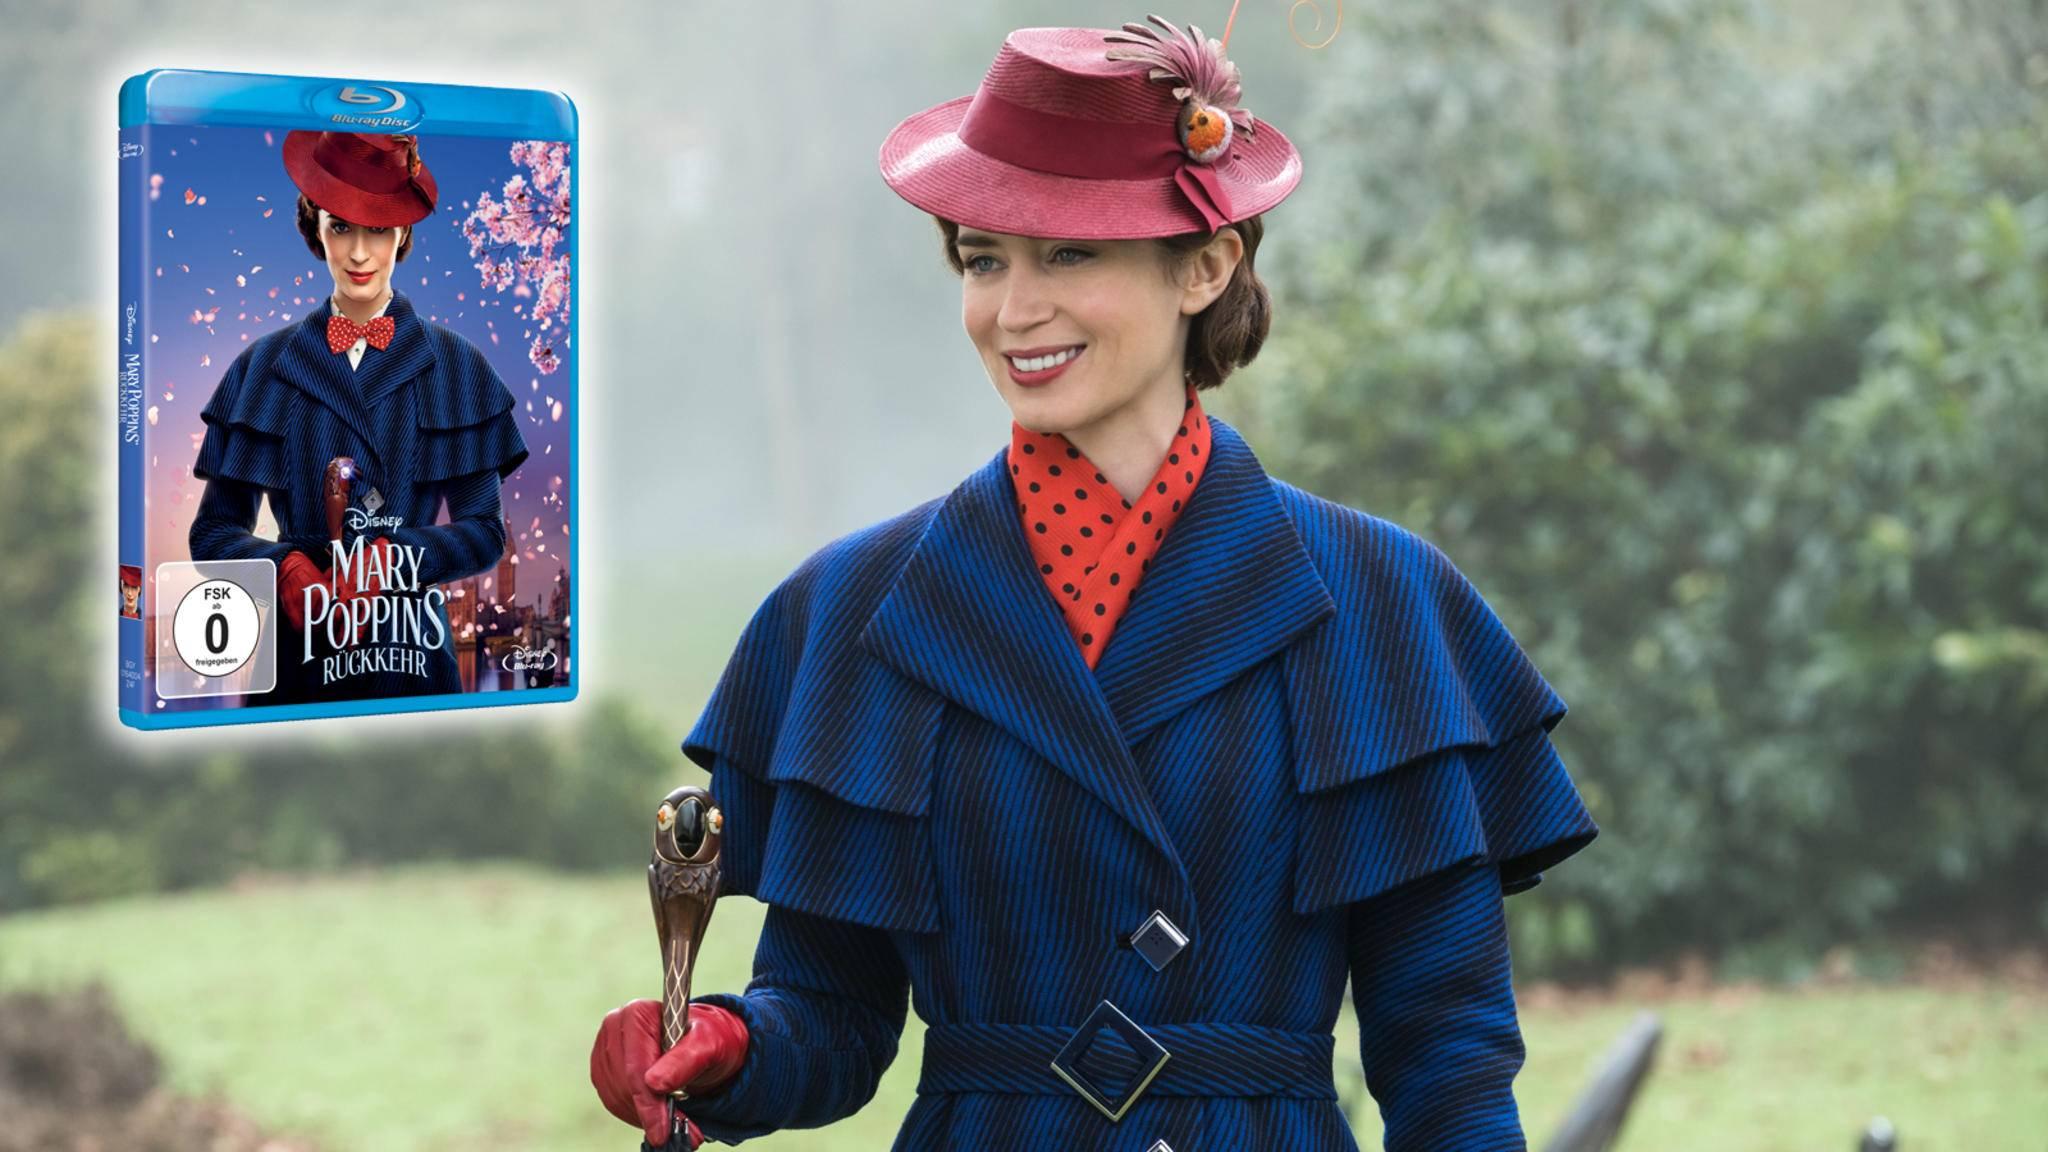 """""""Mary Poppins' Rückkehr"""" verzaubert mit den Extras zum Film fast genauso sehr, wie mit der Handlung an sich."""